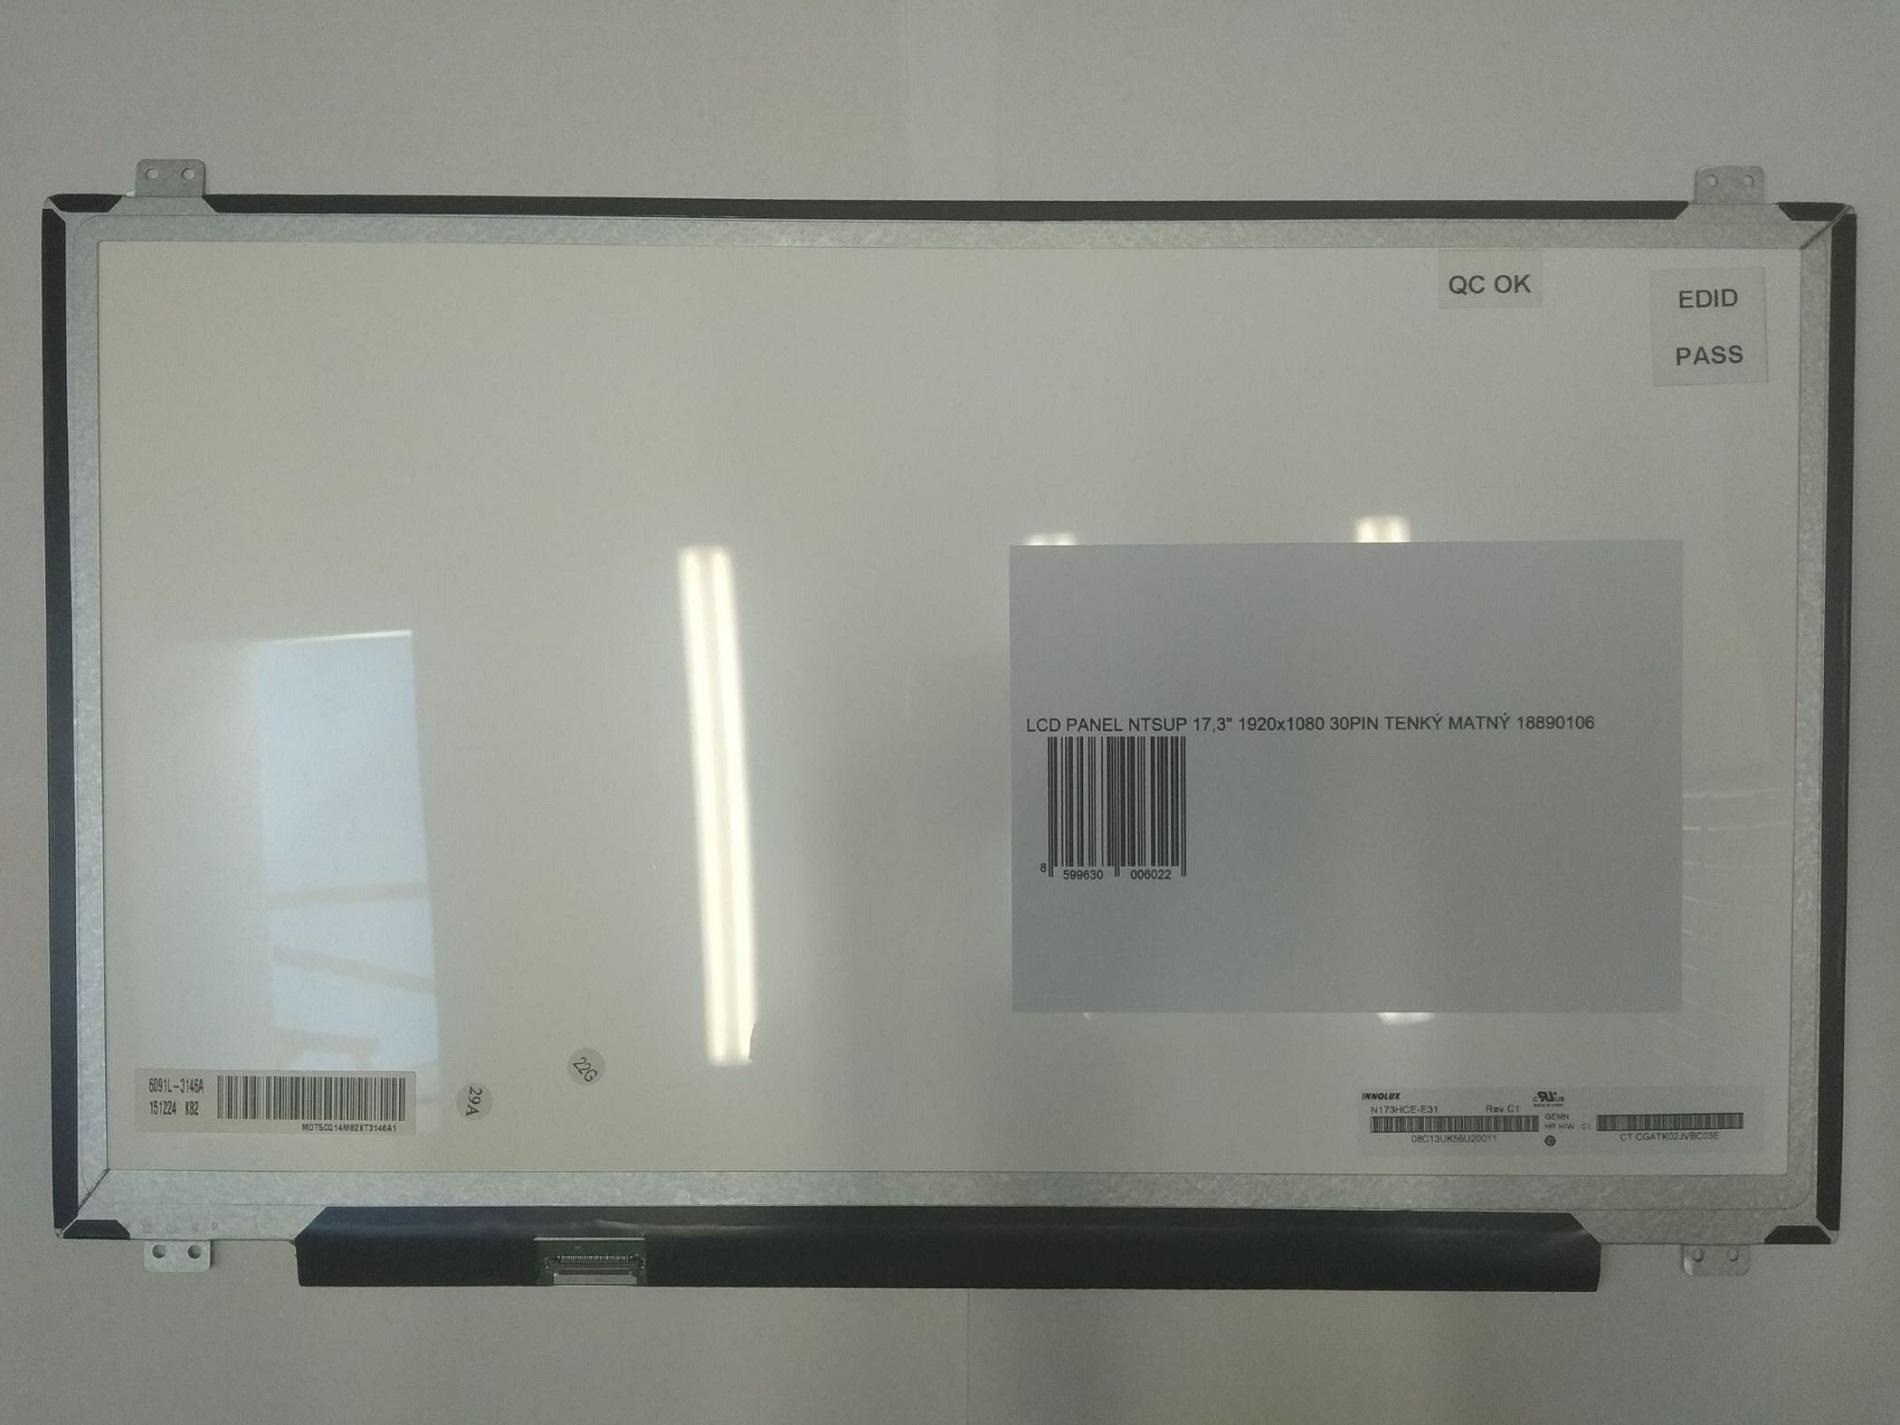 LCD PANEL NTSUP IPS 17,3